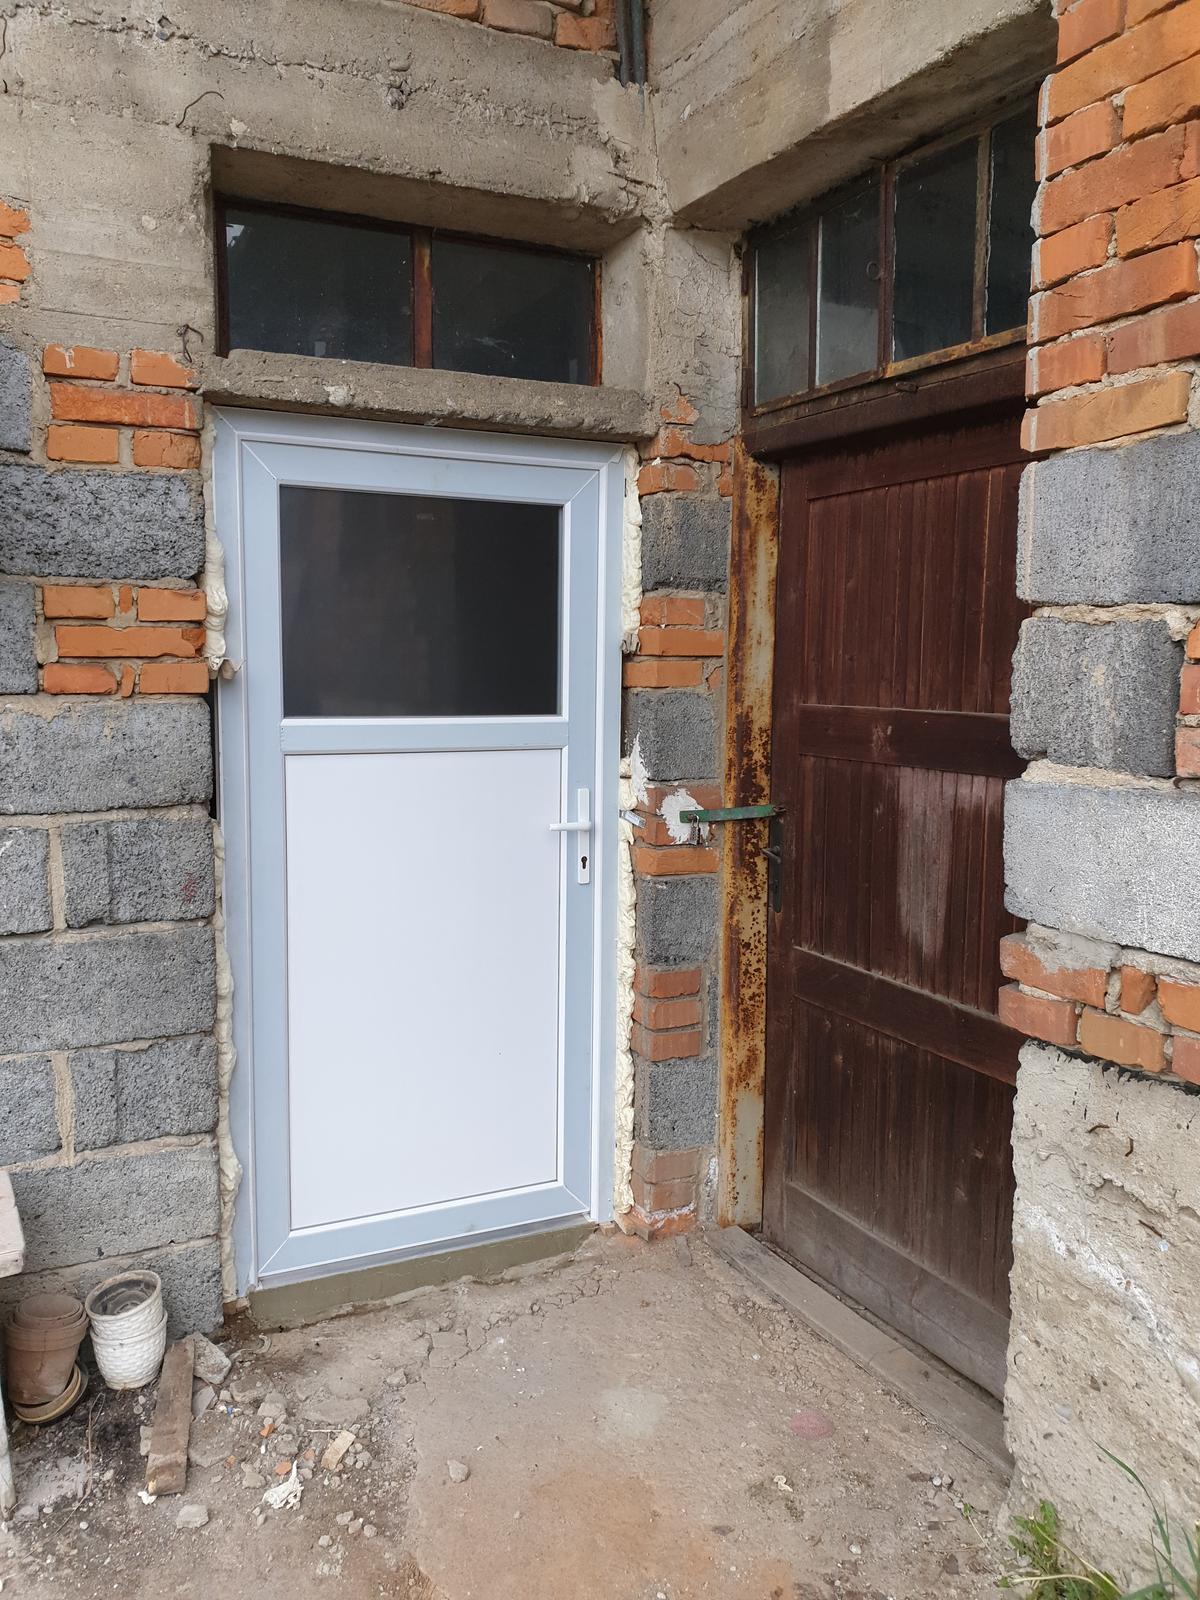 Rekonštrukcia domu-alebo chceme si splniť sen =》🏠🌻🌼🐶  mat domcek a vratit sa na Slovensko - este nie hotove :-) chybala purpena ...